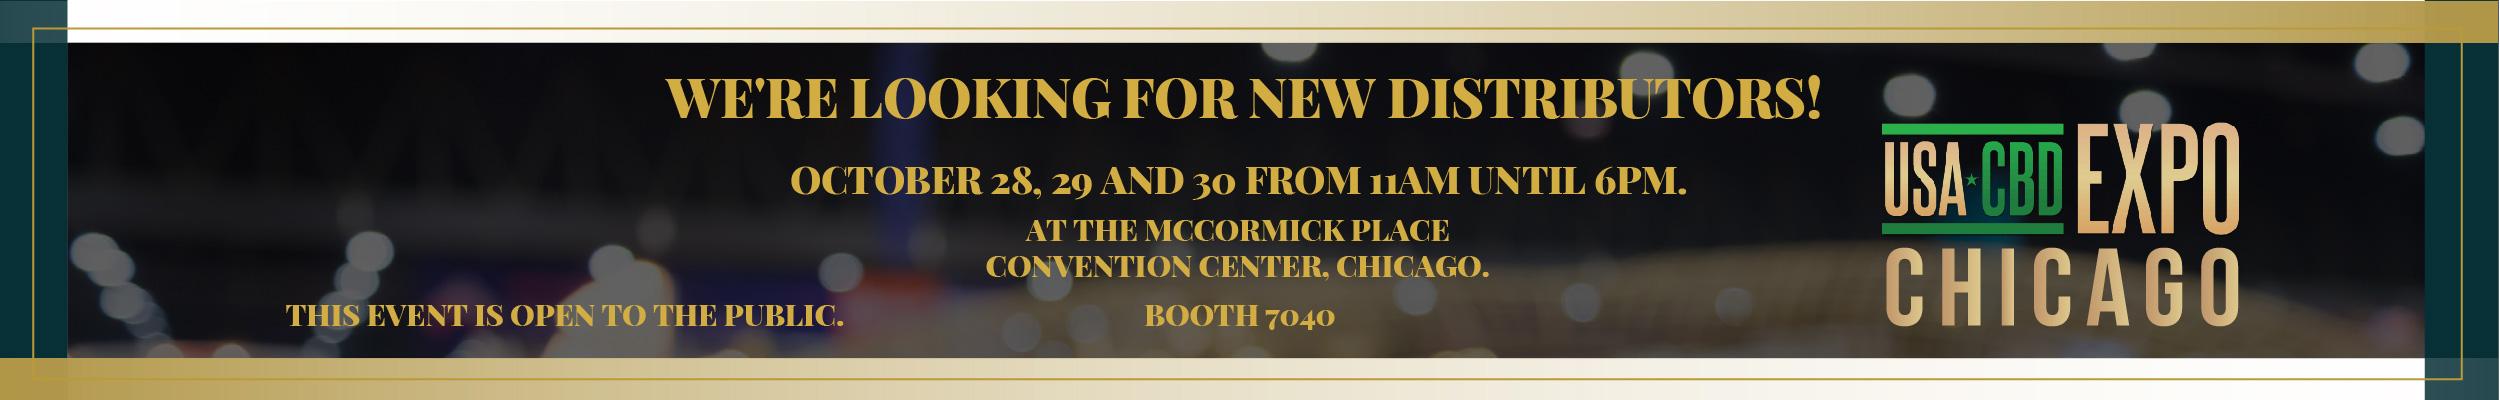 USA Expo Chicago